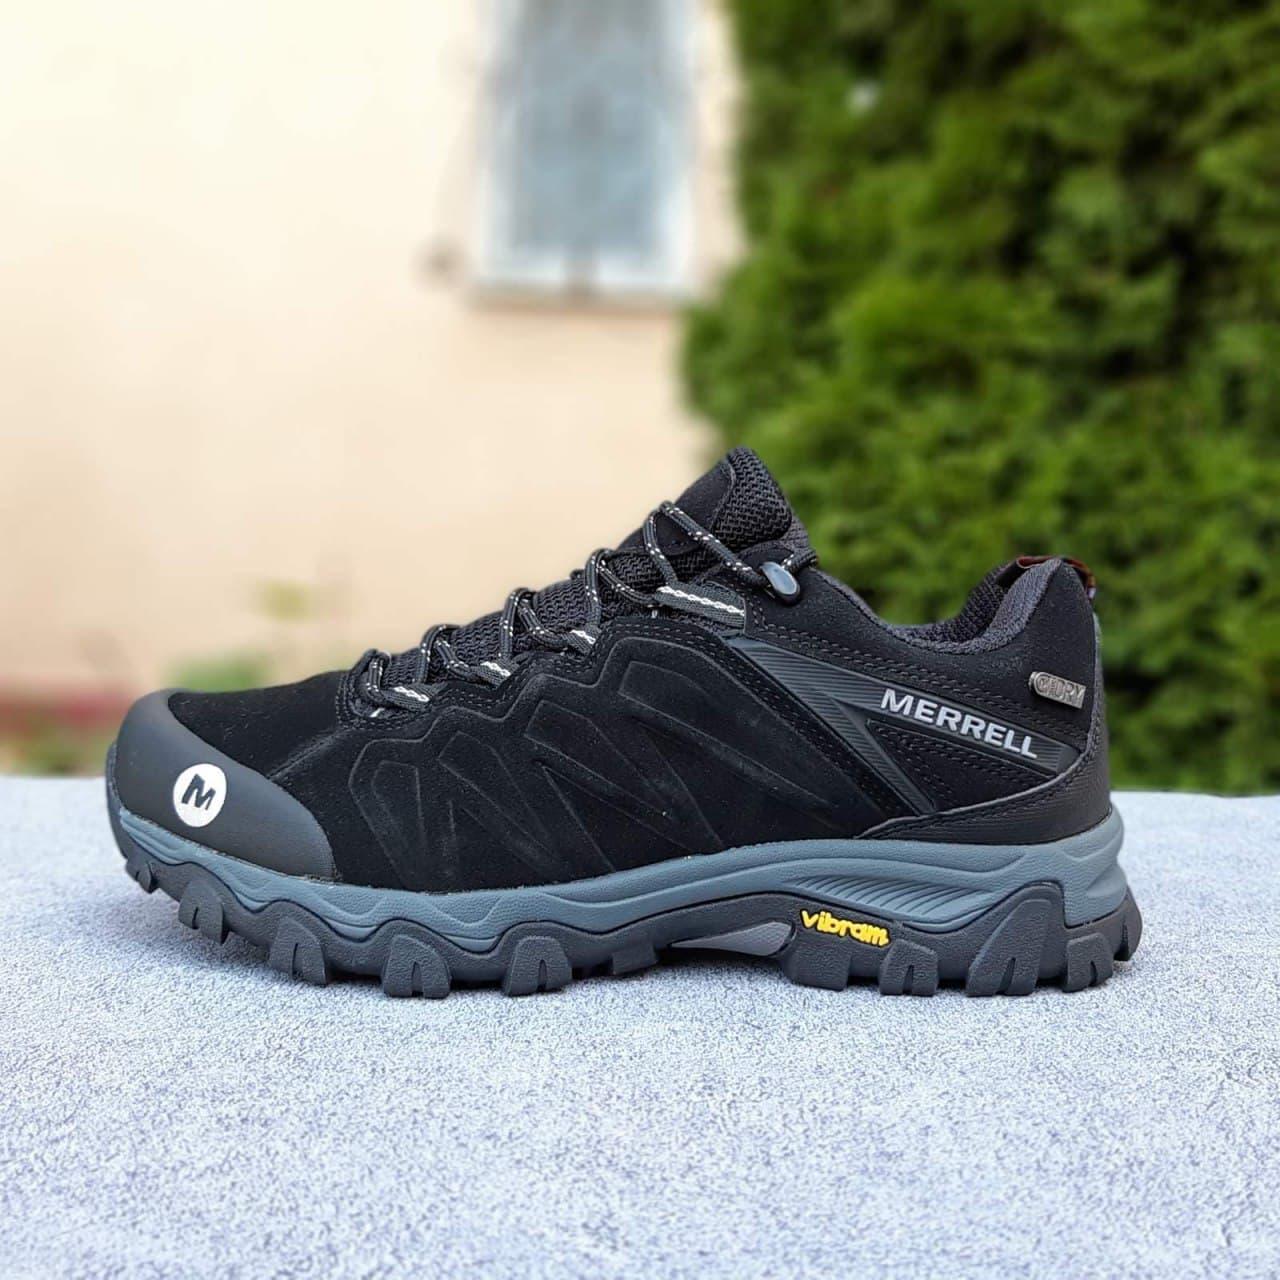 Мужские кроссовки Merrell Vibram (черные) О3679 качественная обувь еврозима